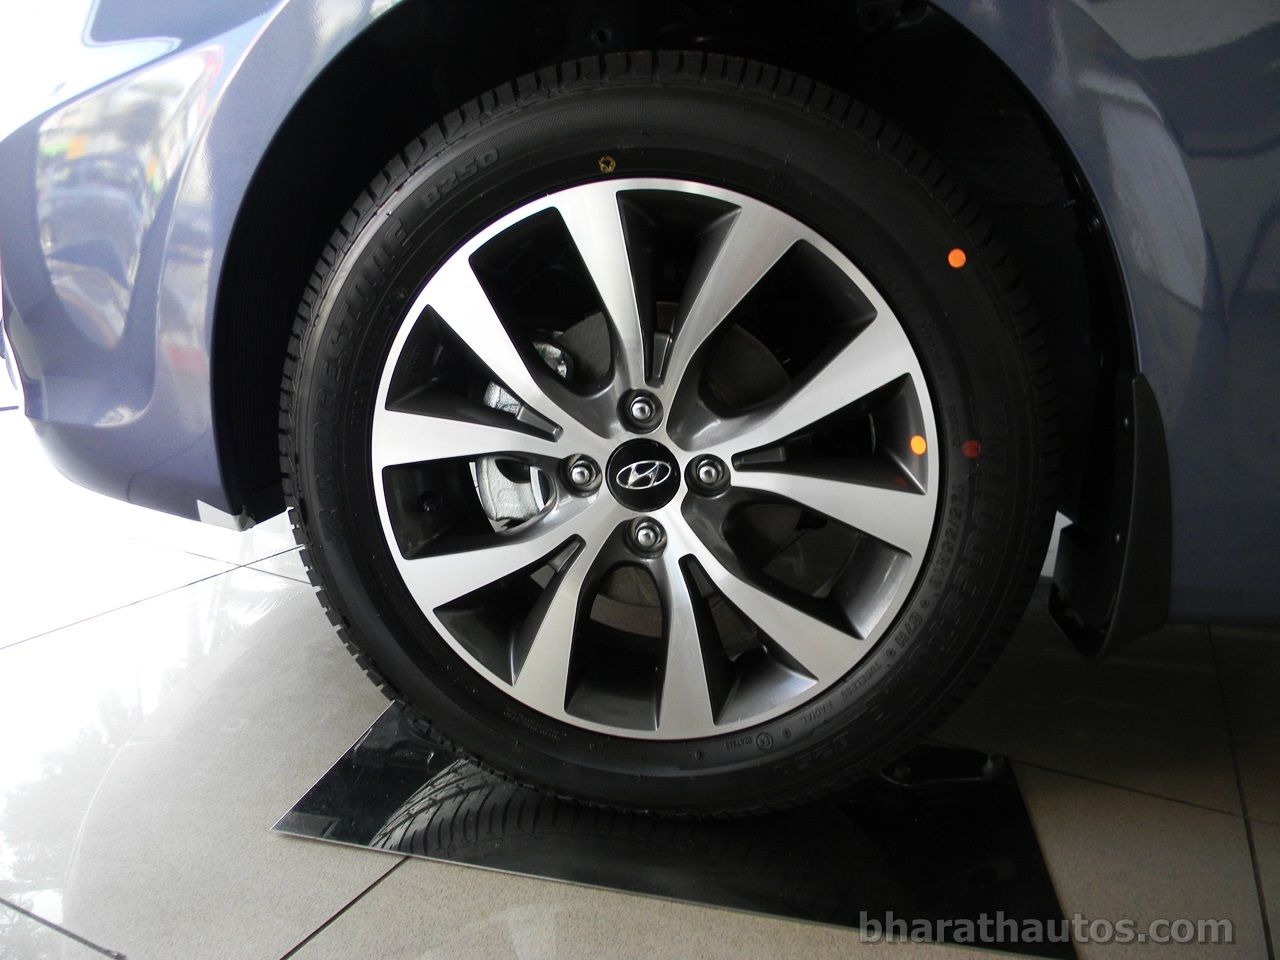 New 2014 Hyundai Verna India Front Alloy Wheels